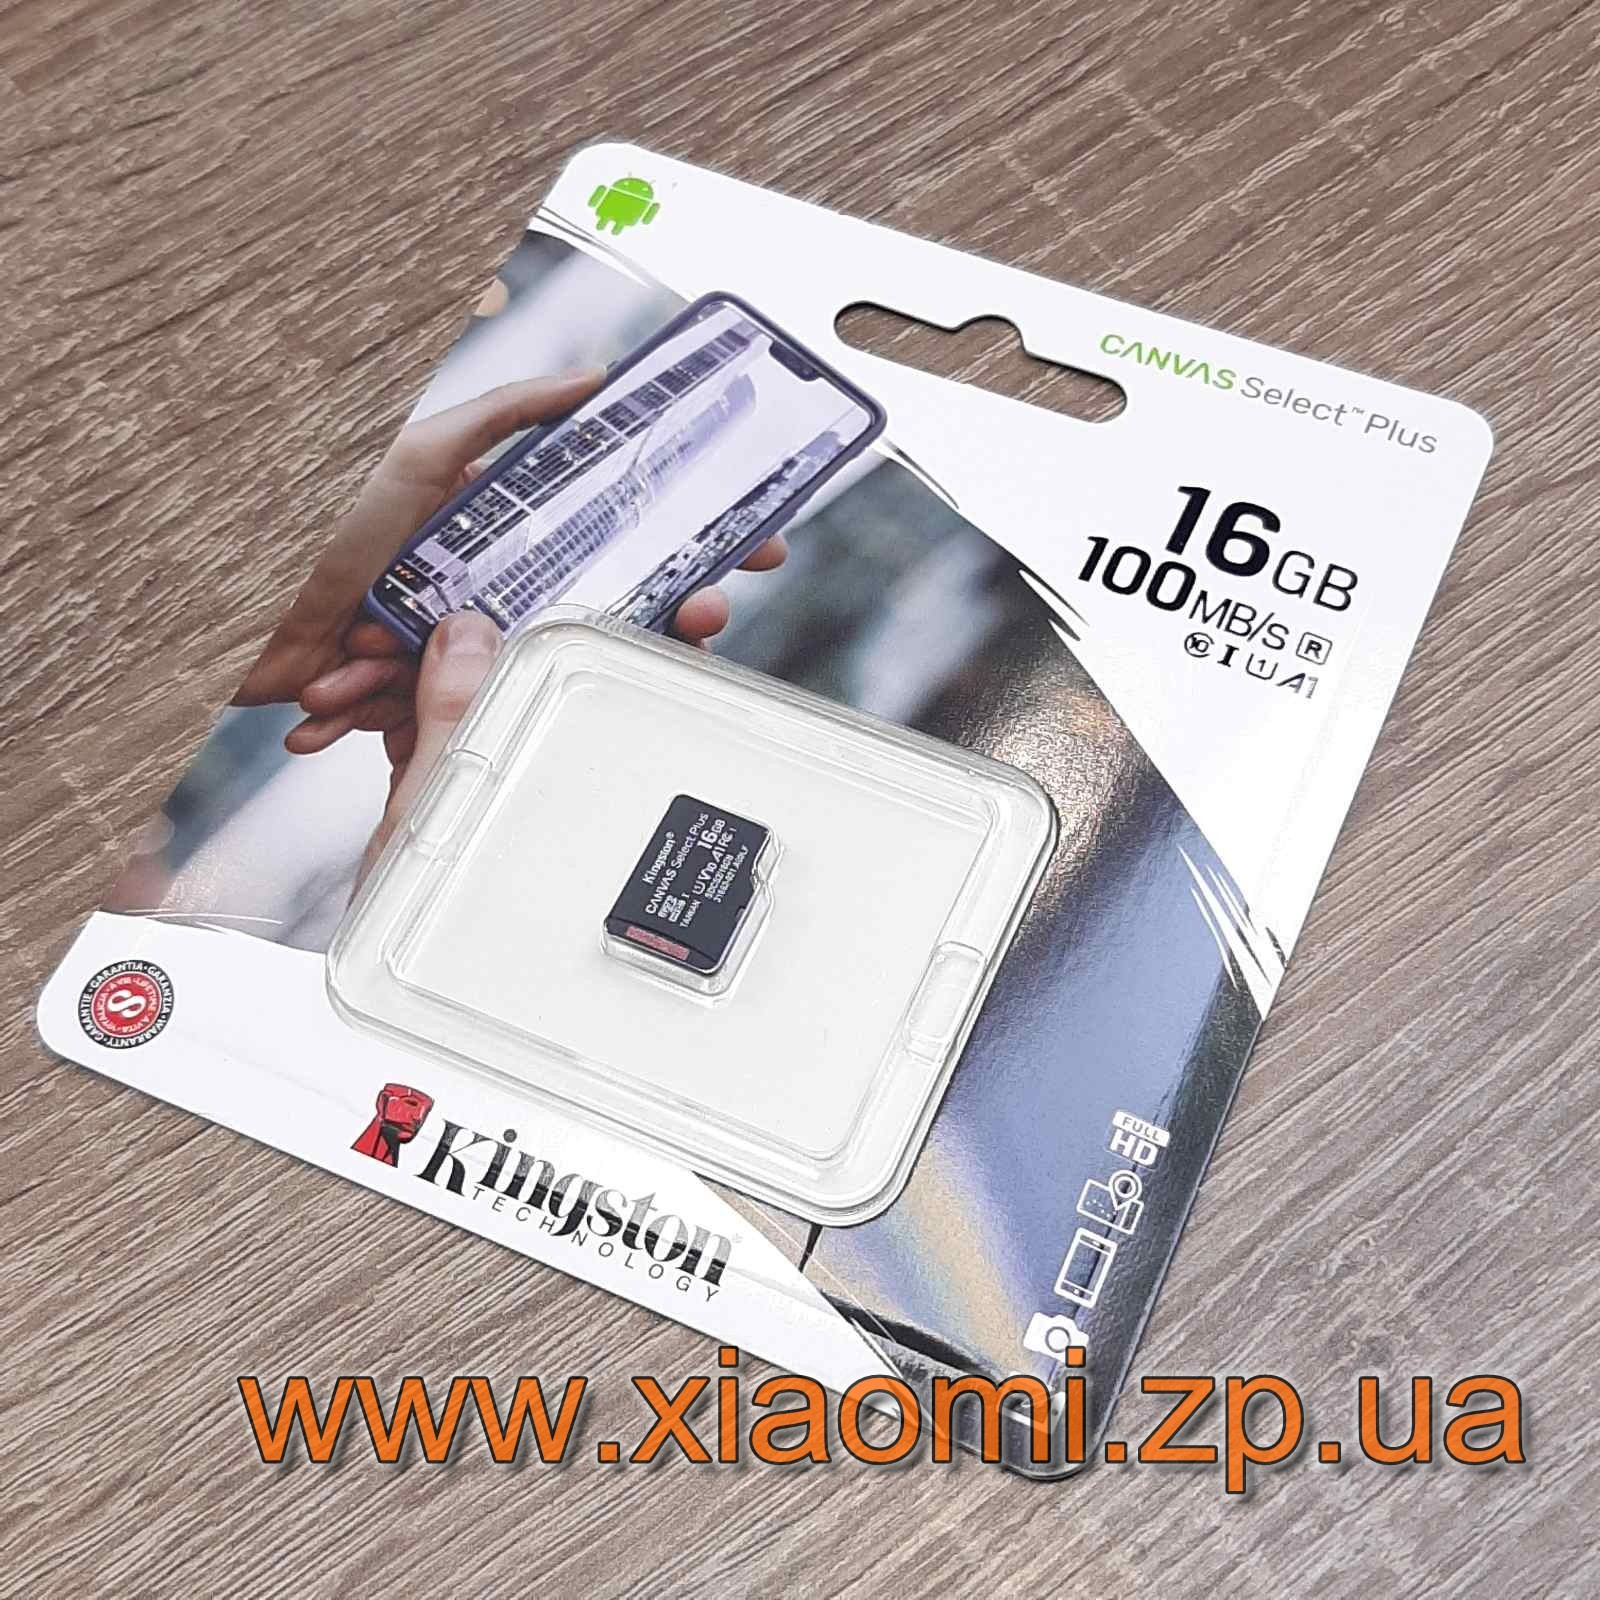 Карта памяти MicroSD 16Gb для телефона XIaomi